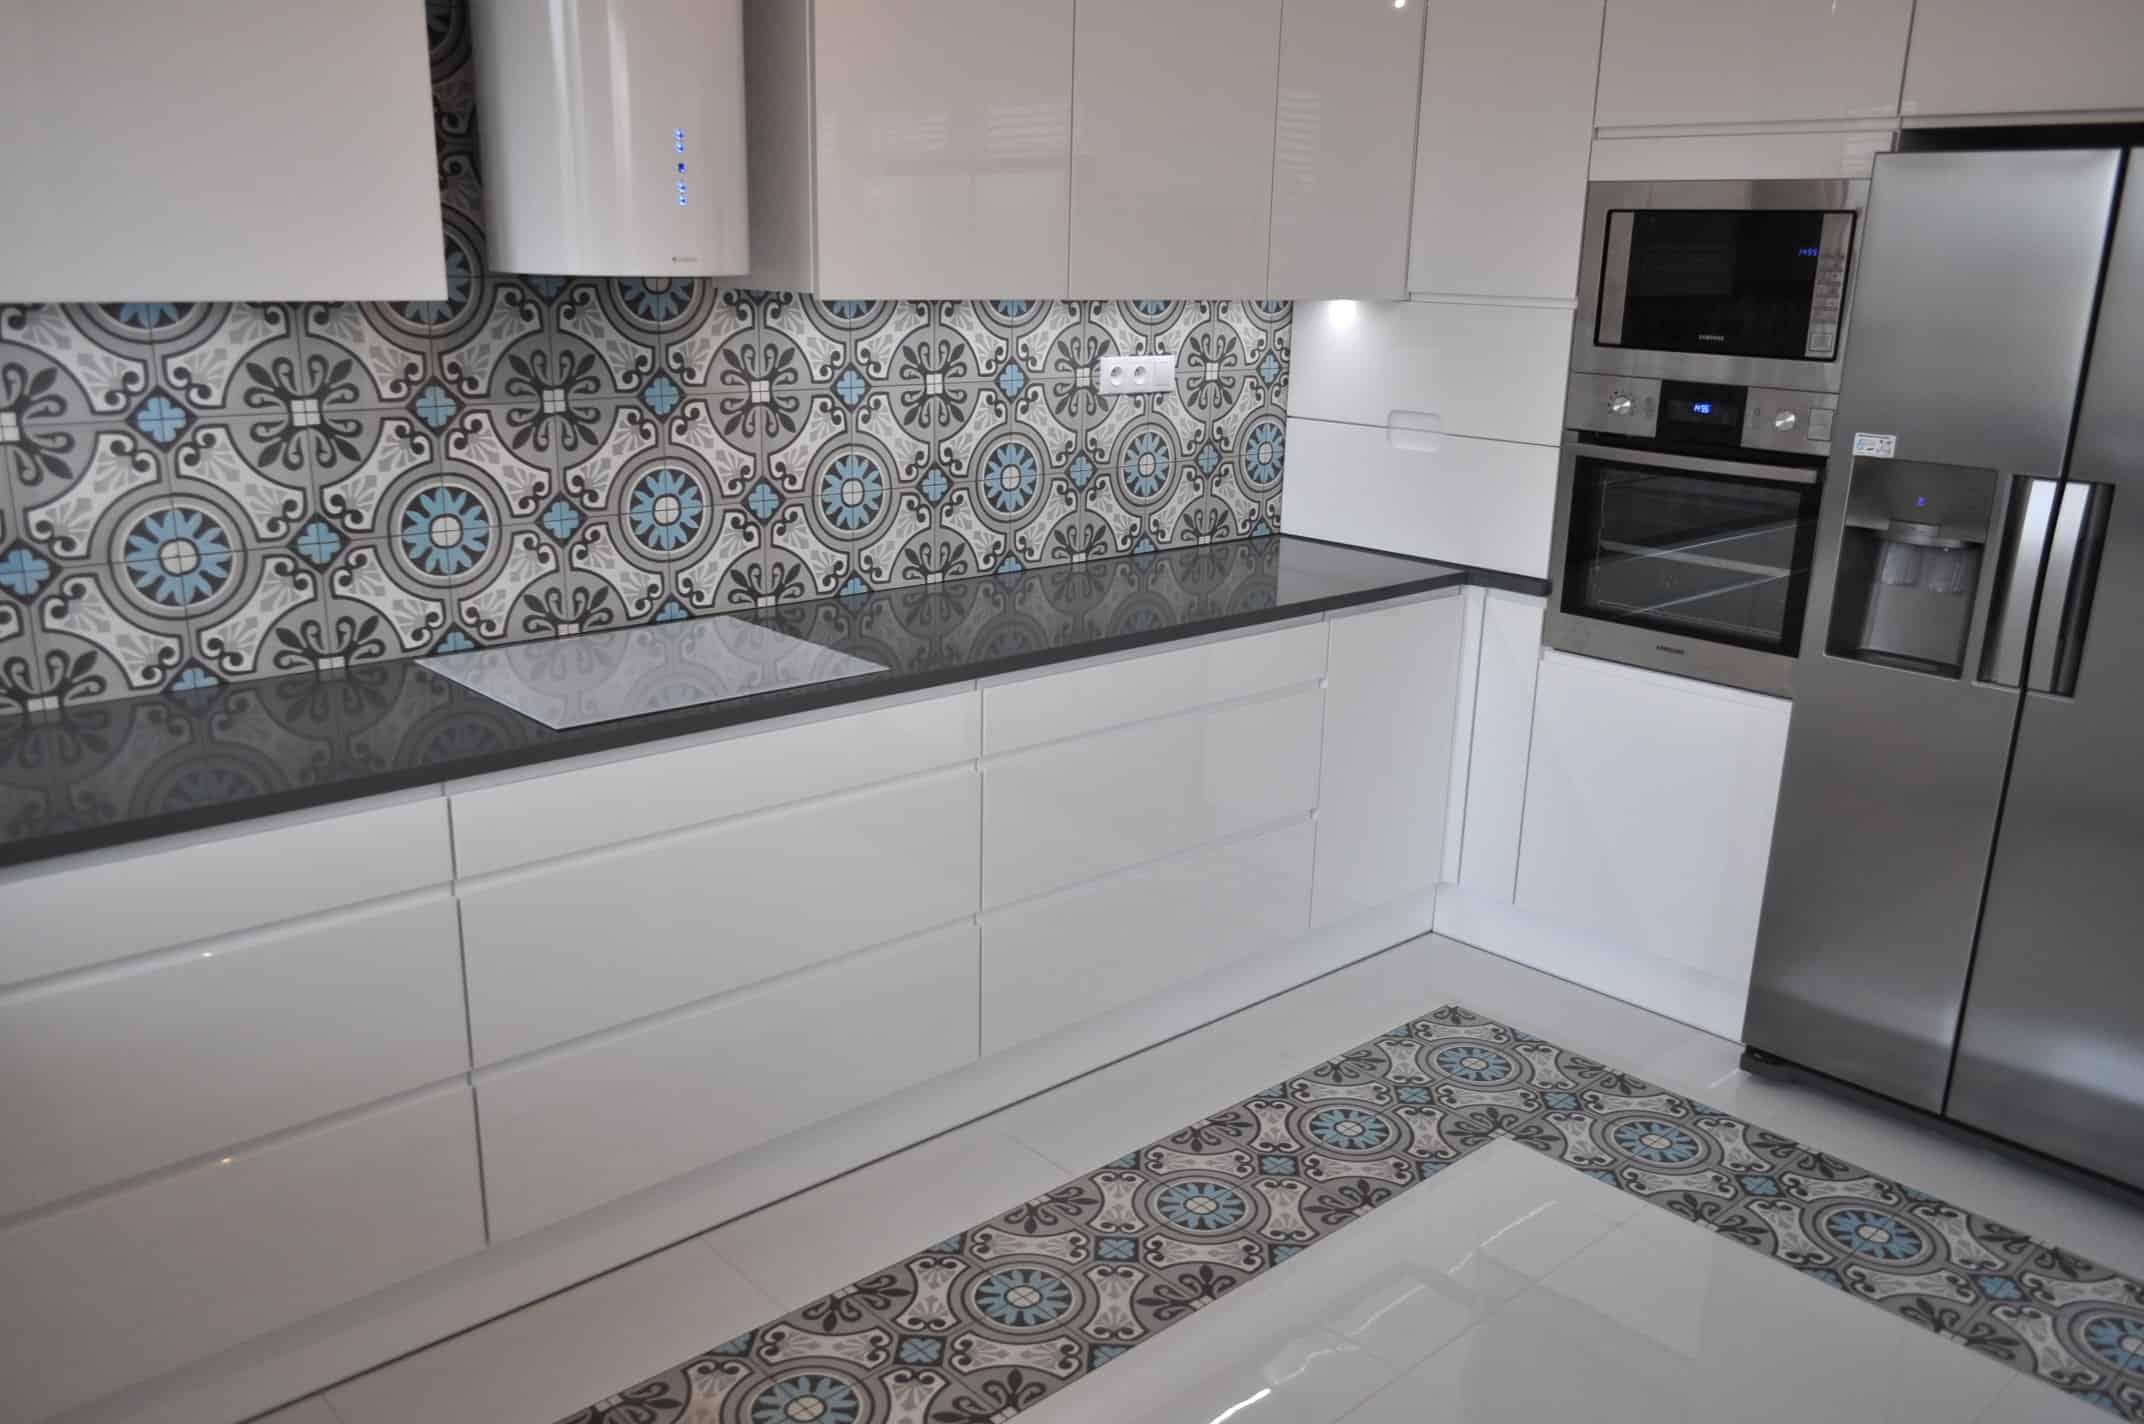 MALCOLM - płytki cementowe w kuchni